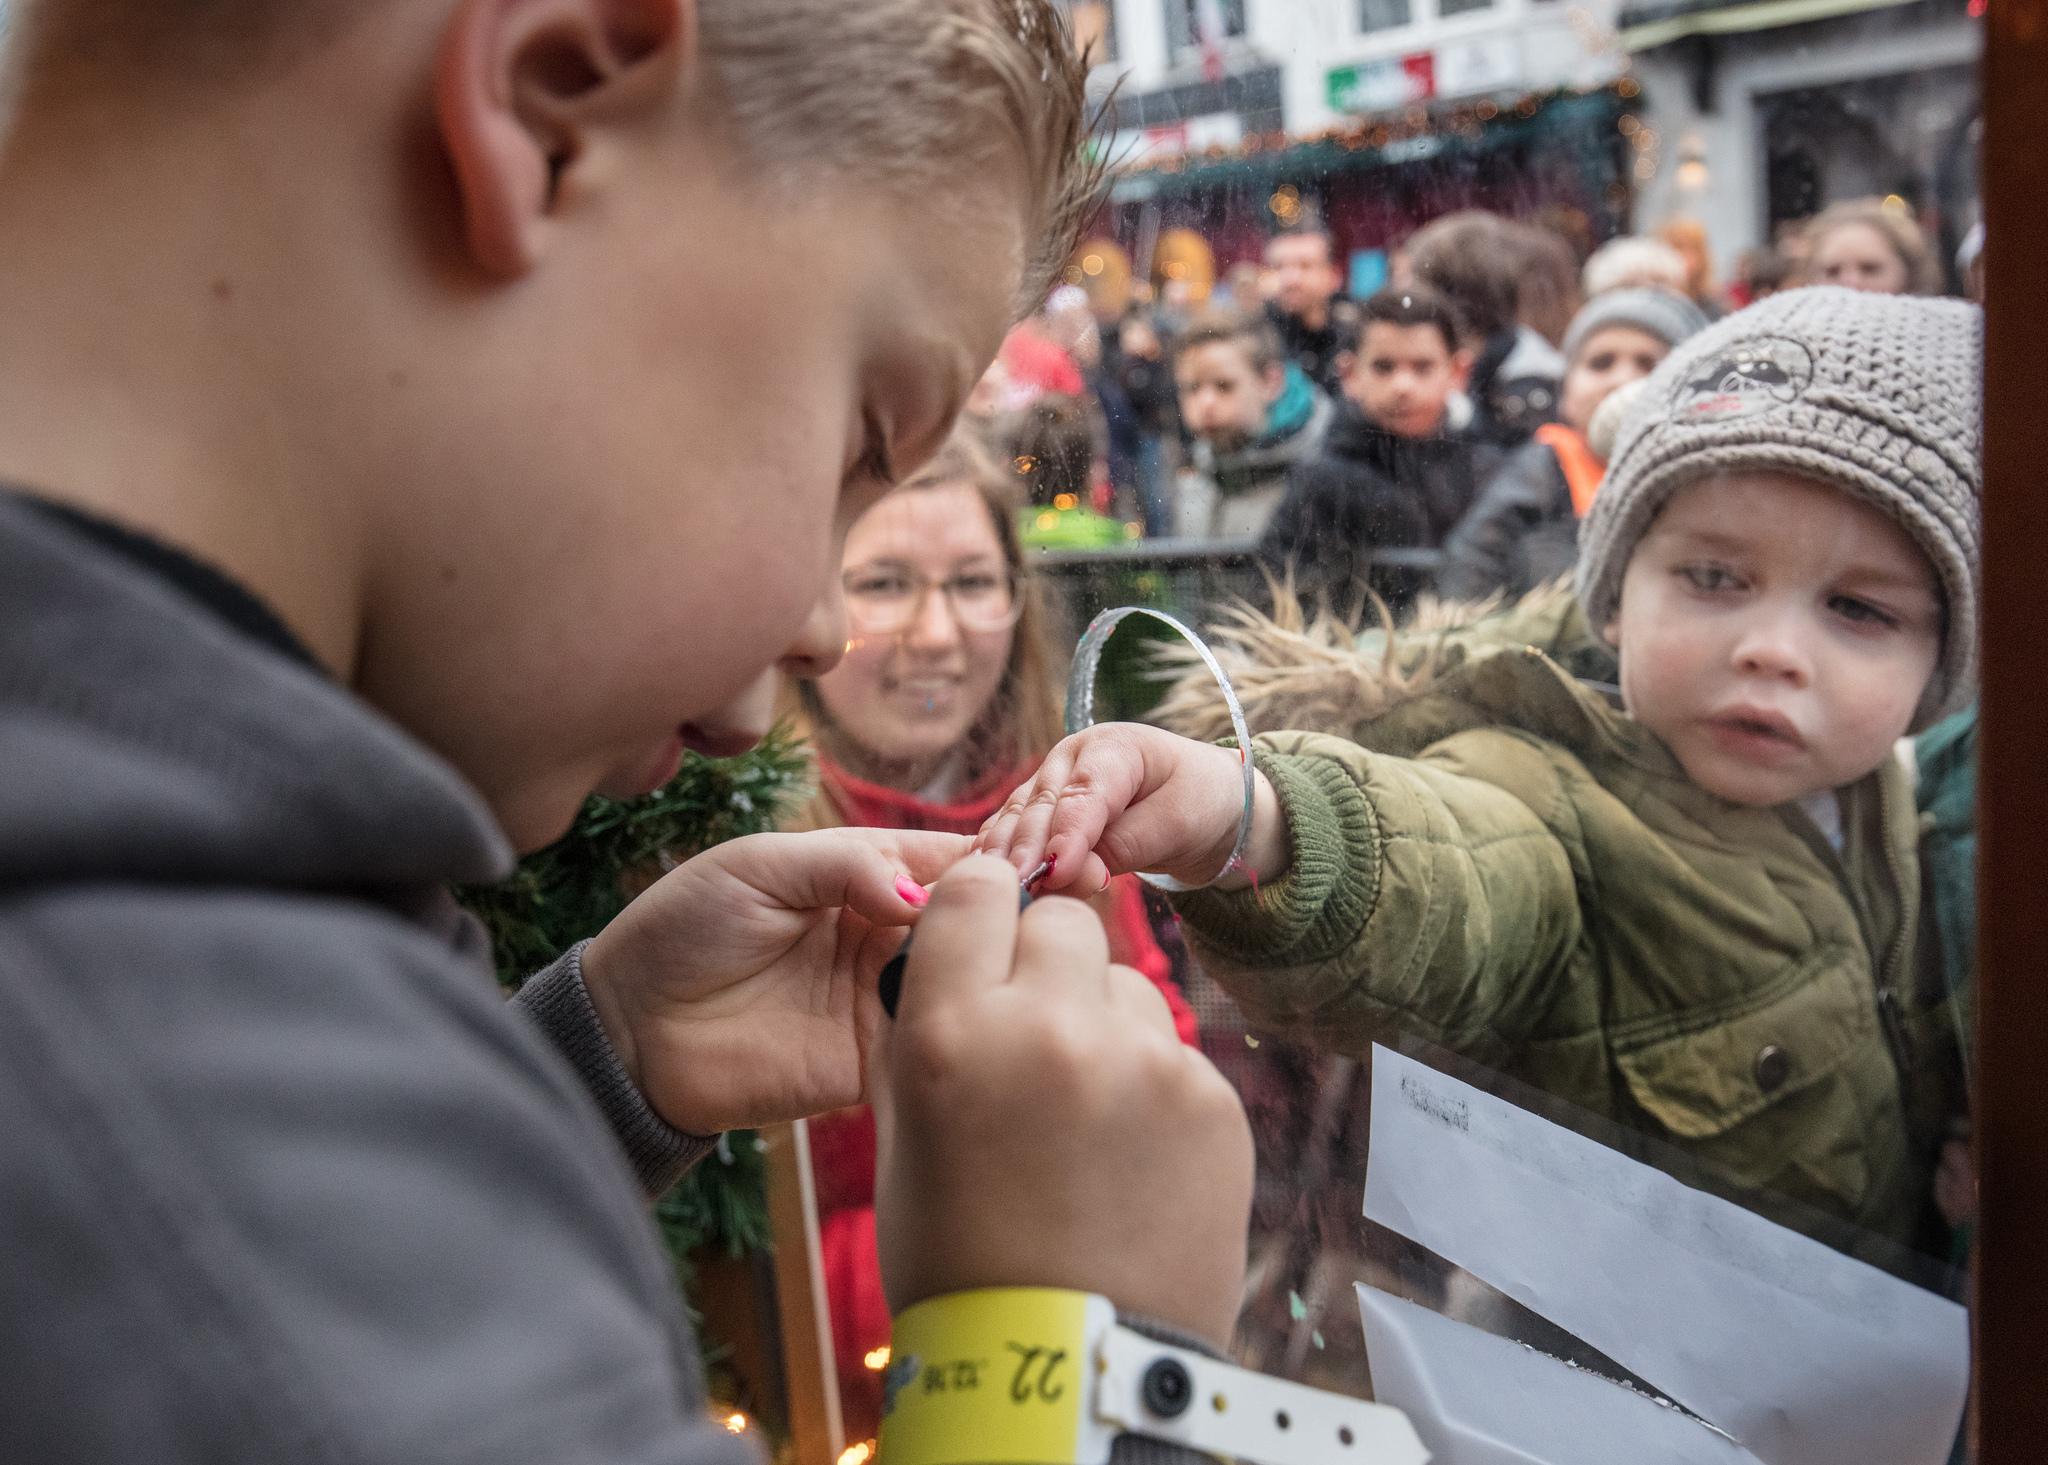 5121191 tijn nagels lakken jongetje sr16 foto hans peter van velthoven